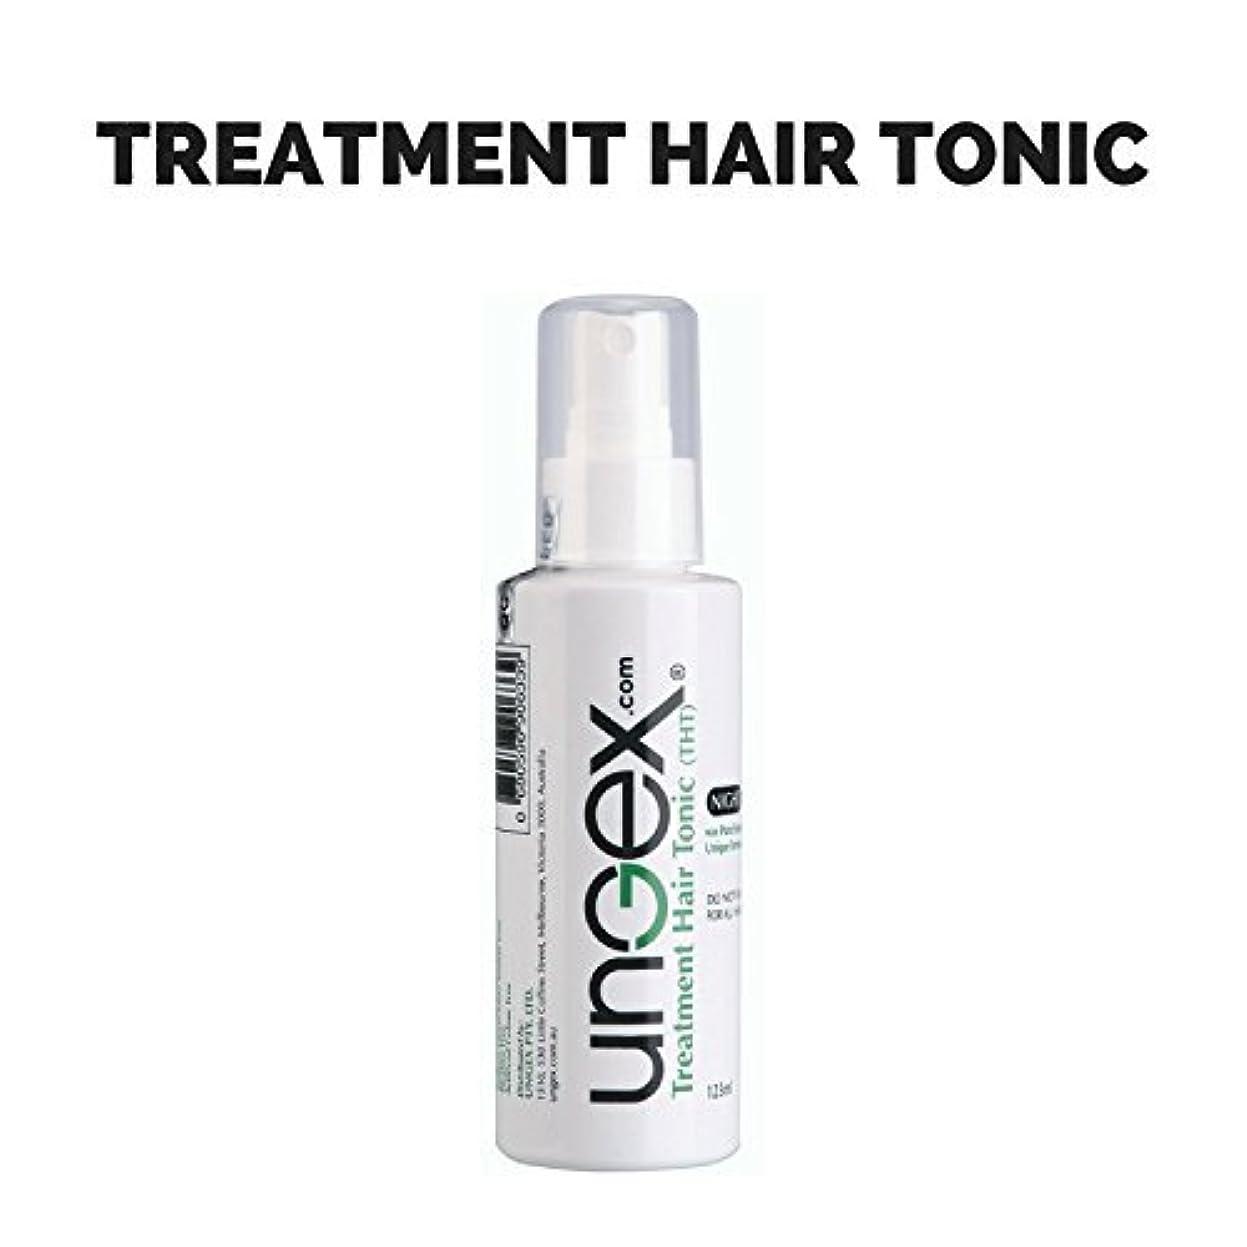 バルコニーキャンパス積極的にTreatment Hair Tonic - Protect Scalp and Soothe Itching from Demodex Mites